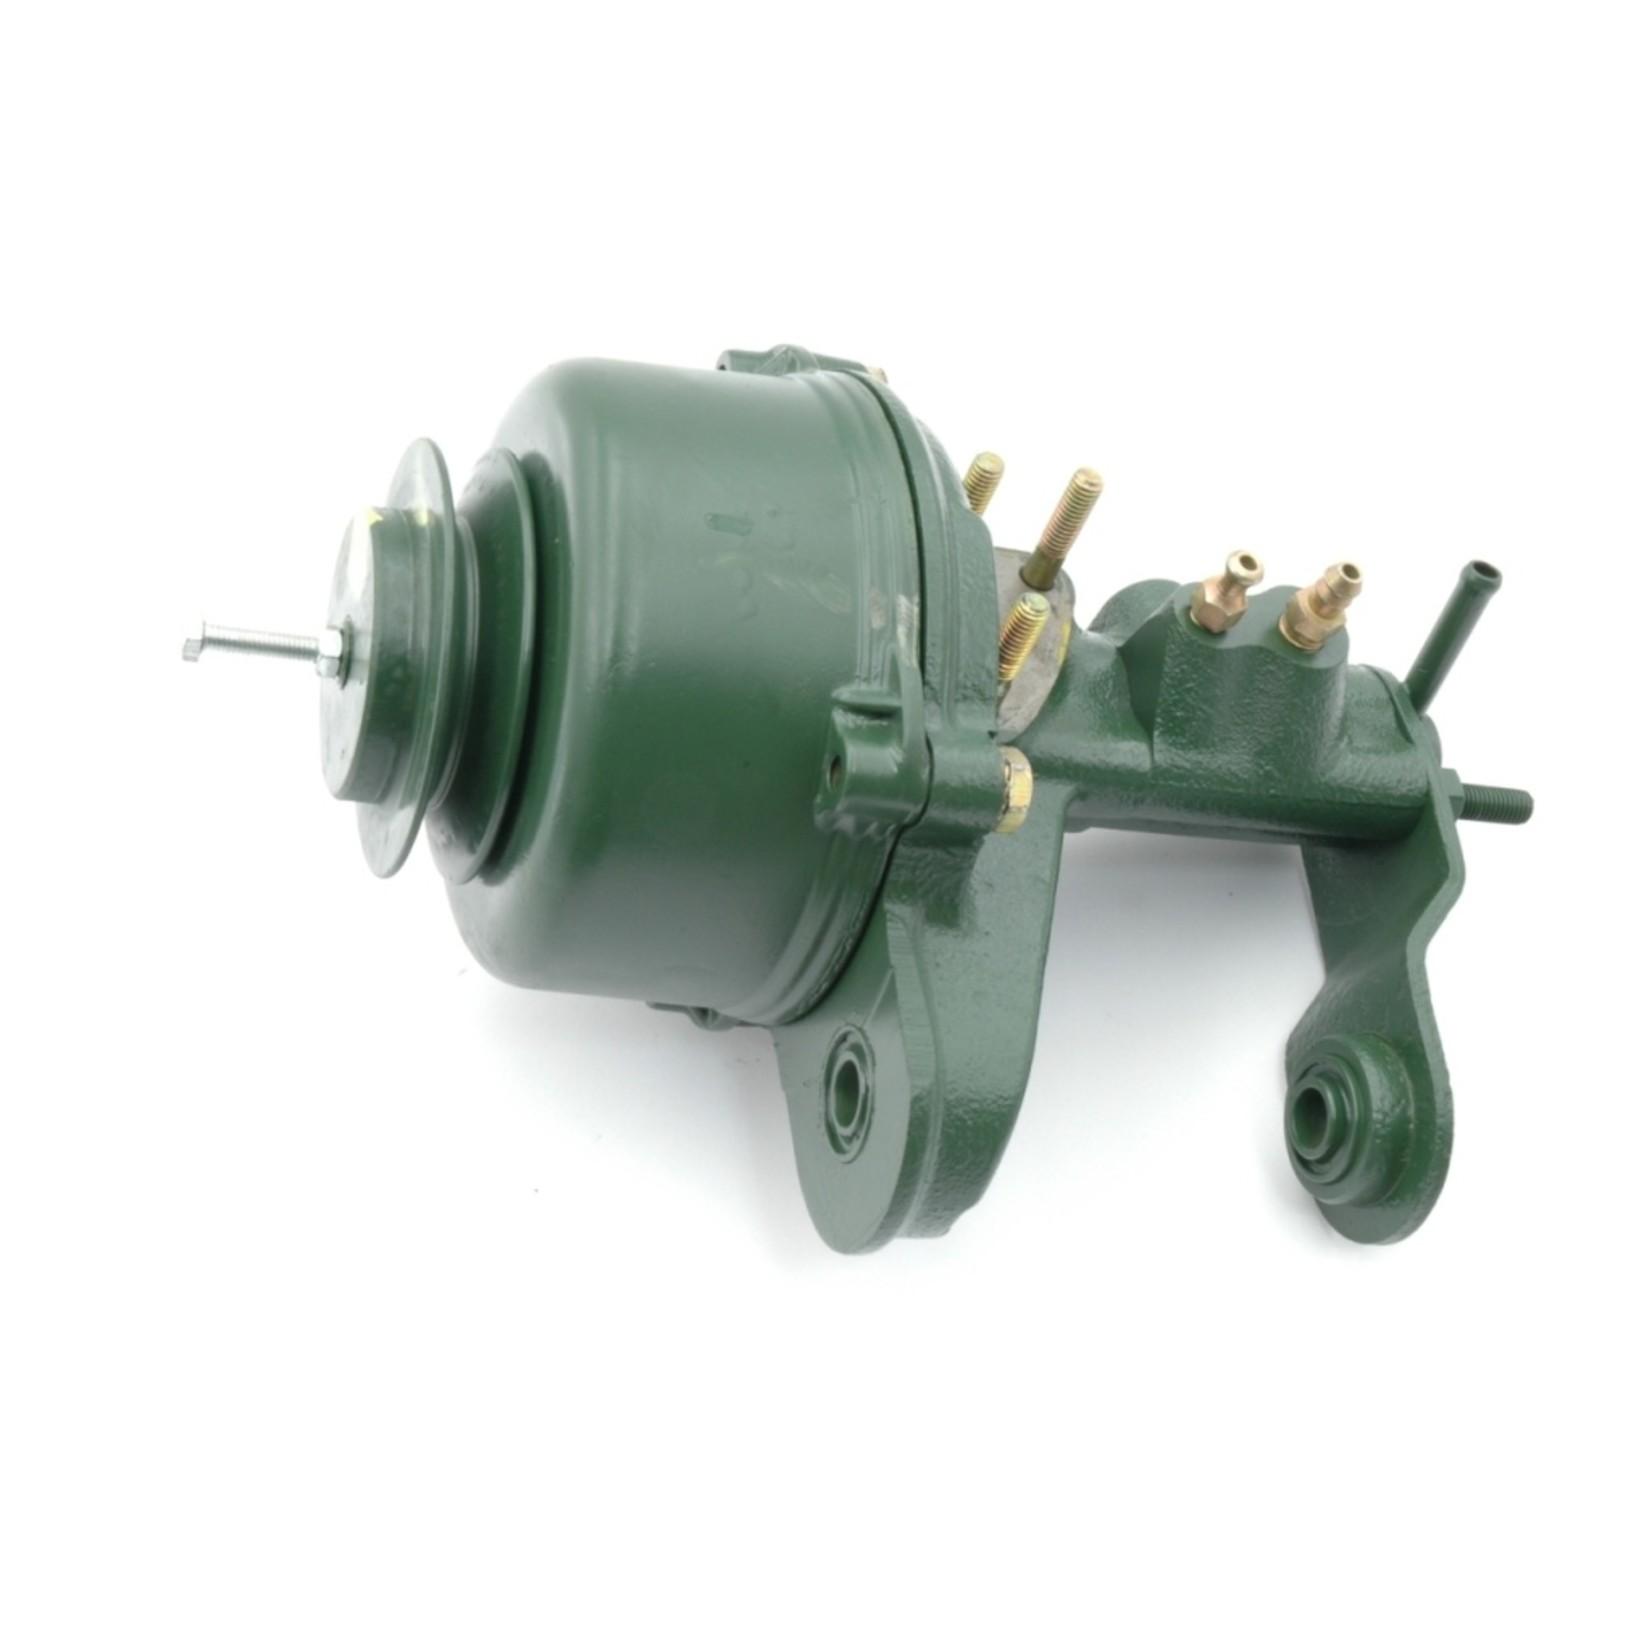 Régulateur centrifugal embrayage reconditionnée LHM Nr Org: DXN314029A